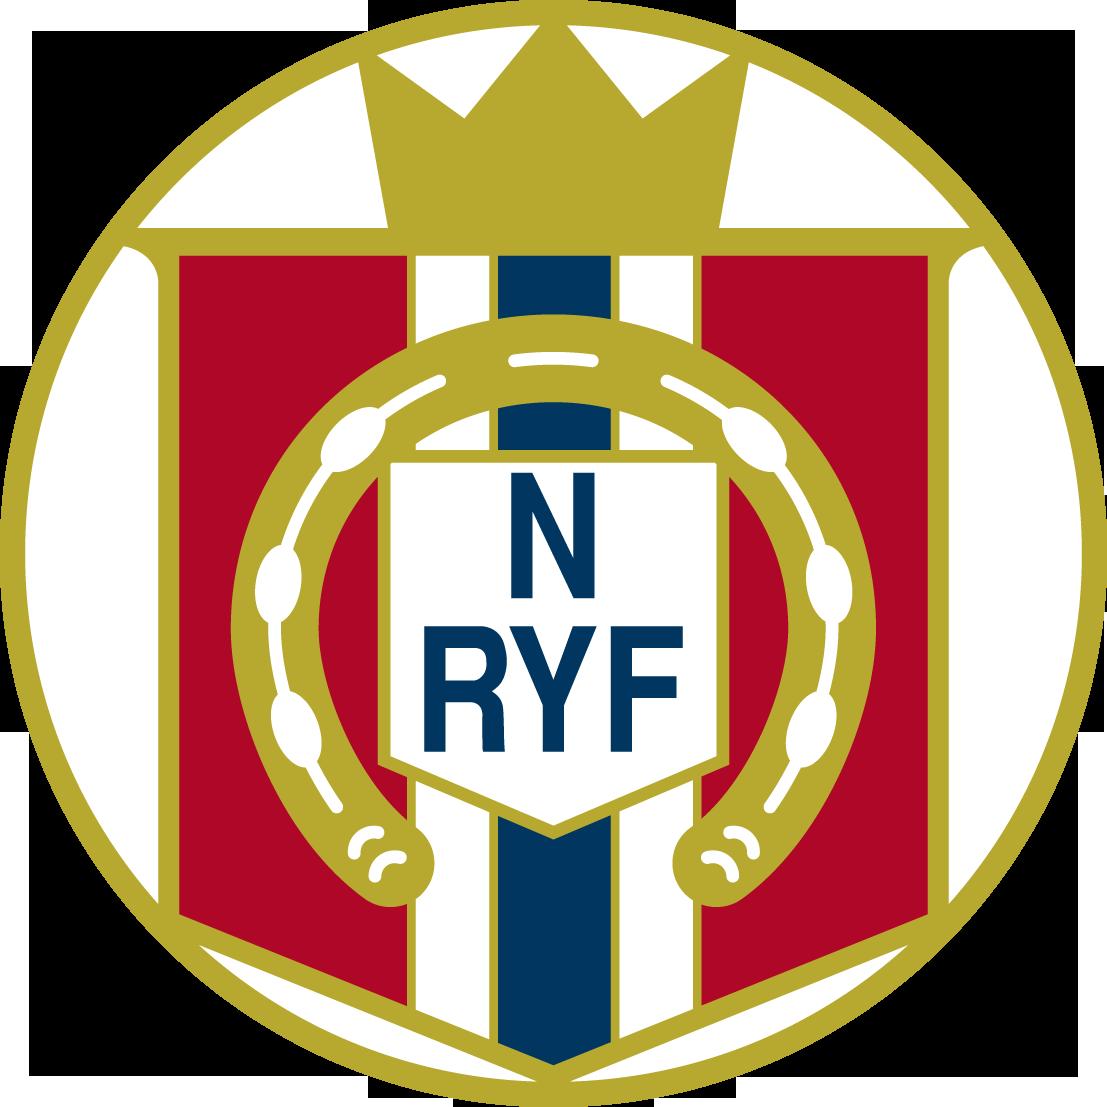 NRYF logo